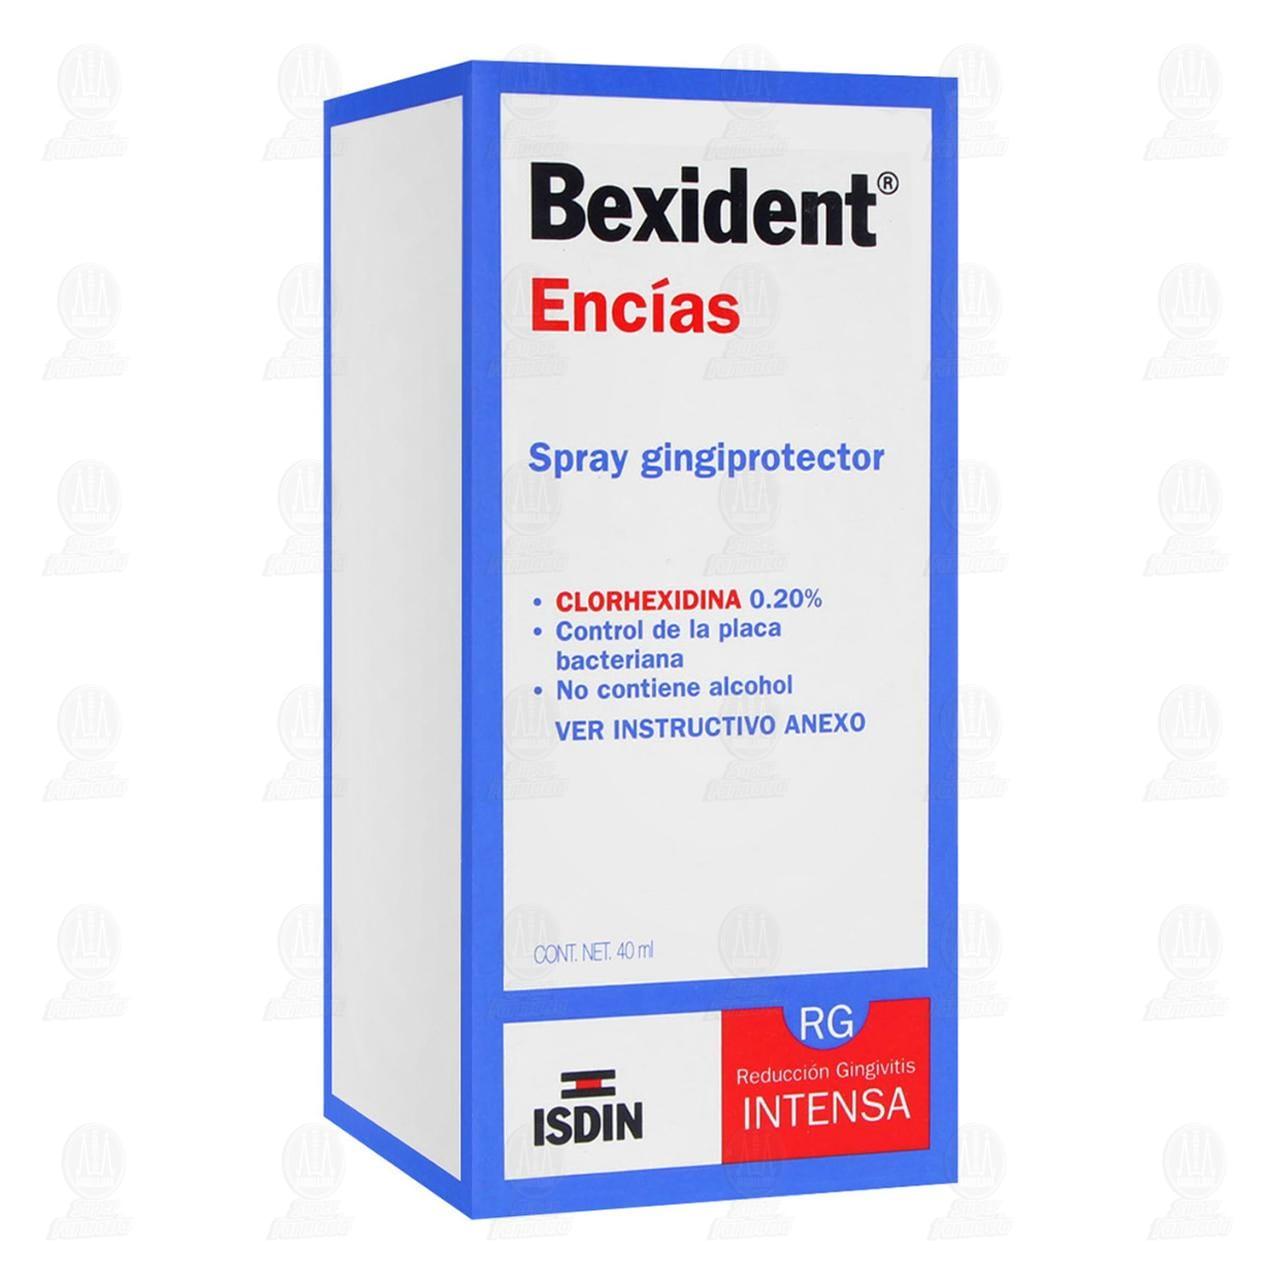 Comprar Bexident Encías Spray Gingiprotector 40ml en Farmacias Guadalajara